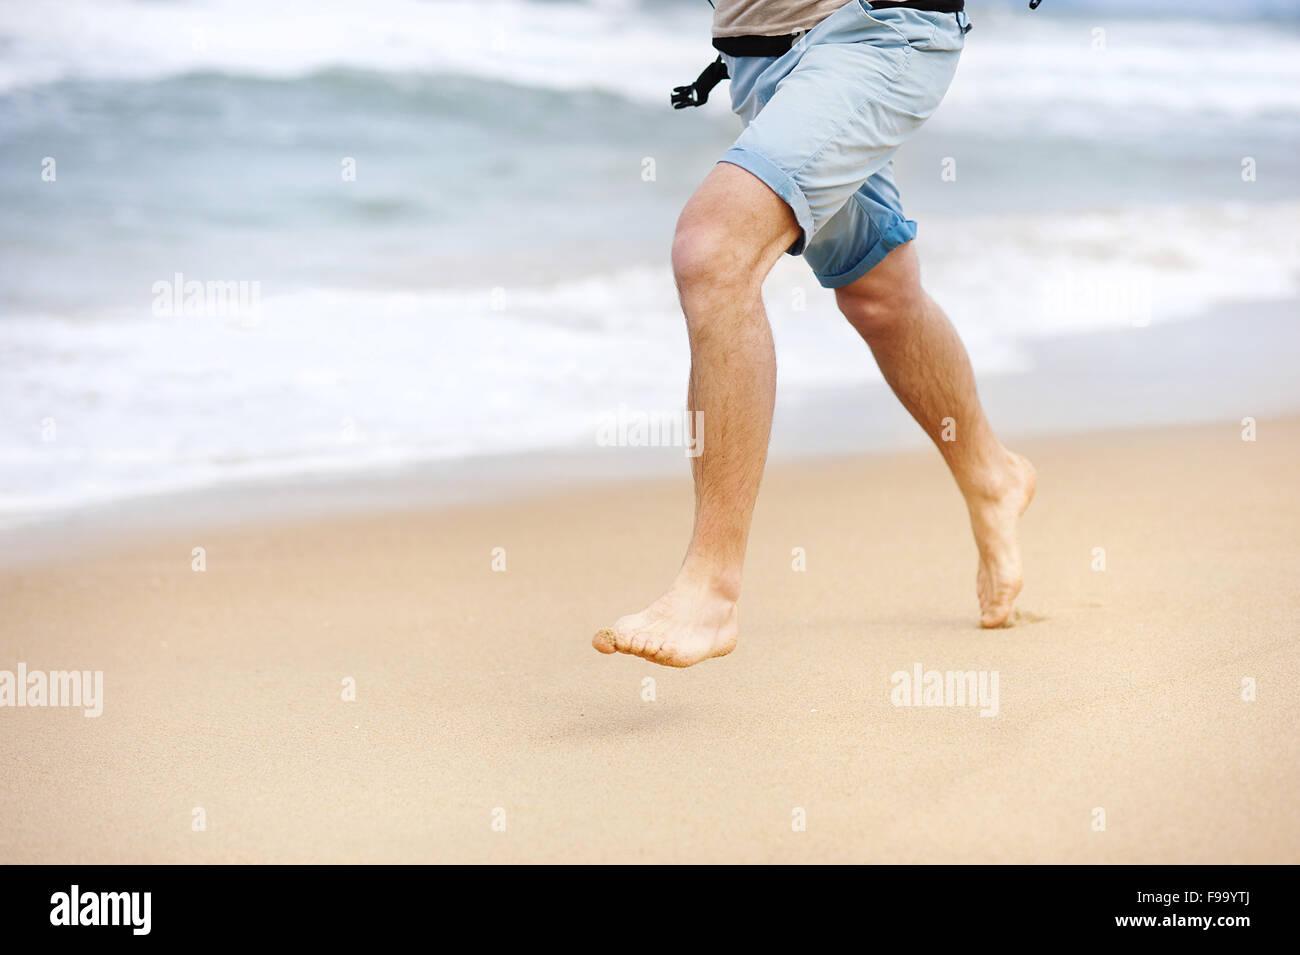 Dettaglio dei piedini maschio in esecuzione presso la spiaggia di sabbia Immagini Stock